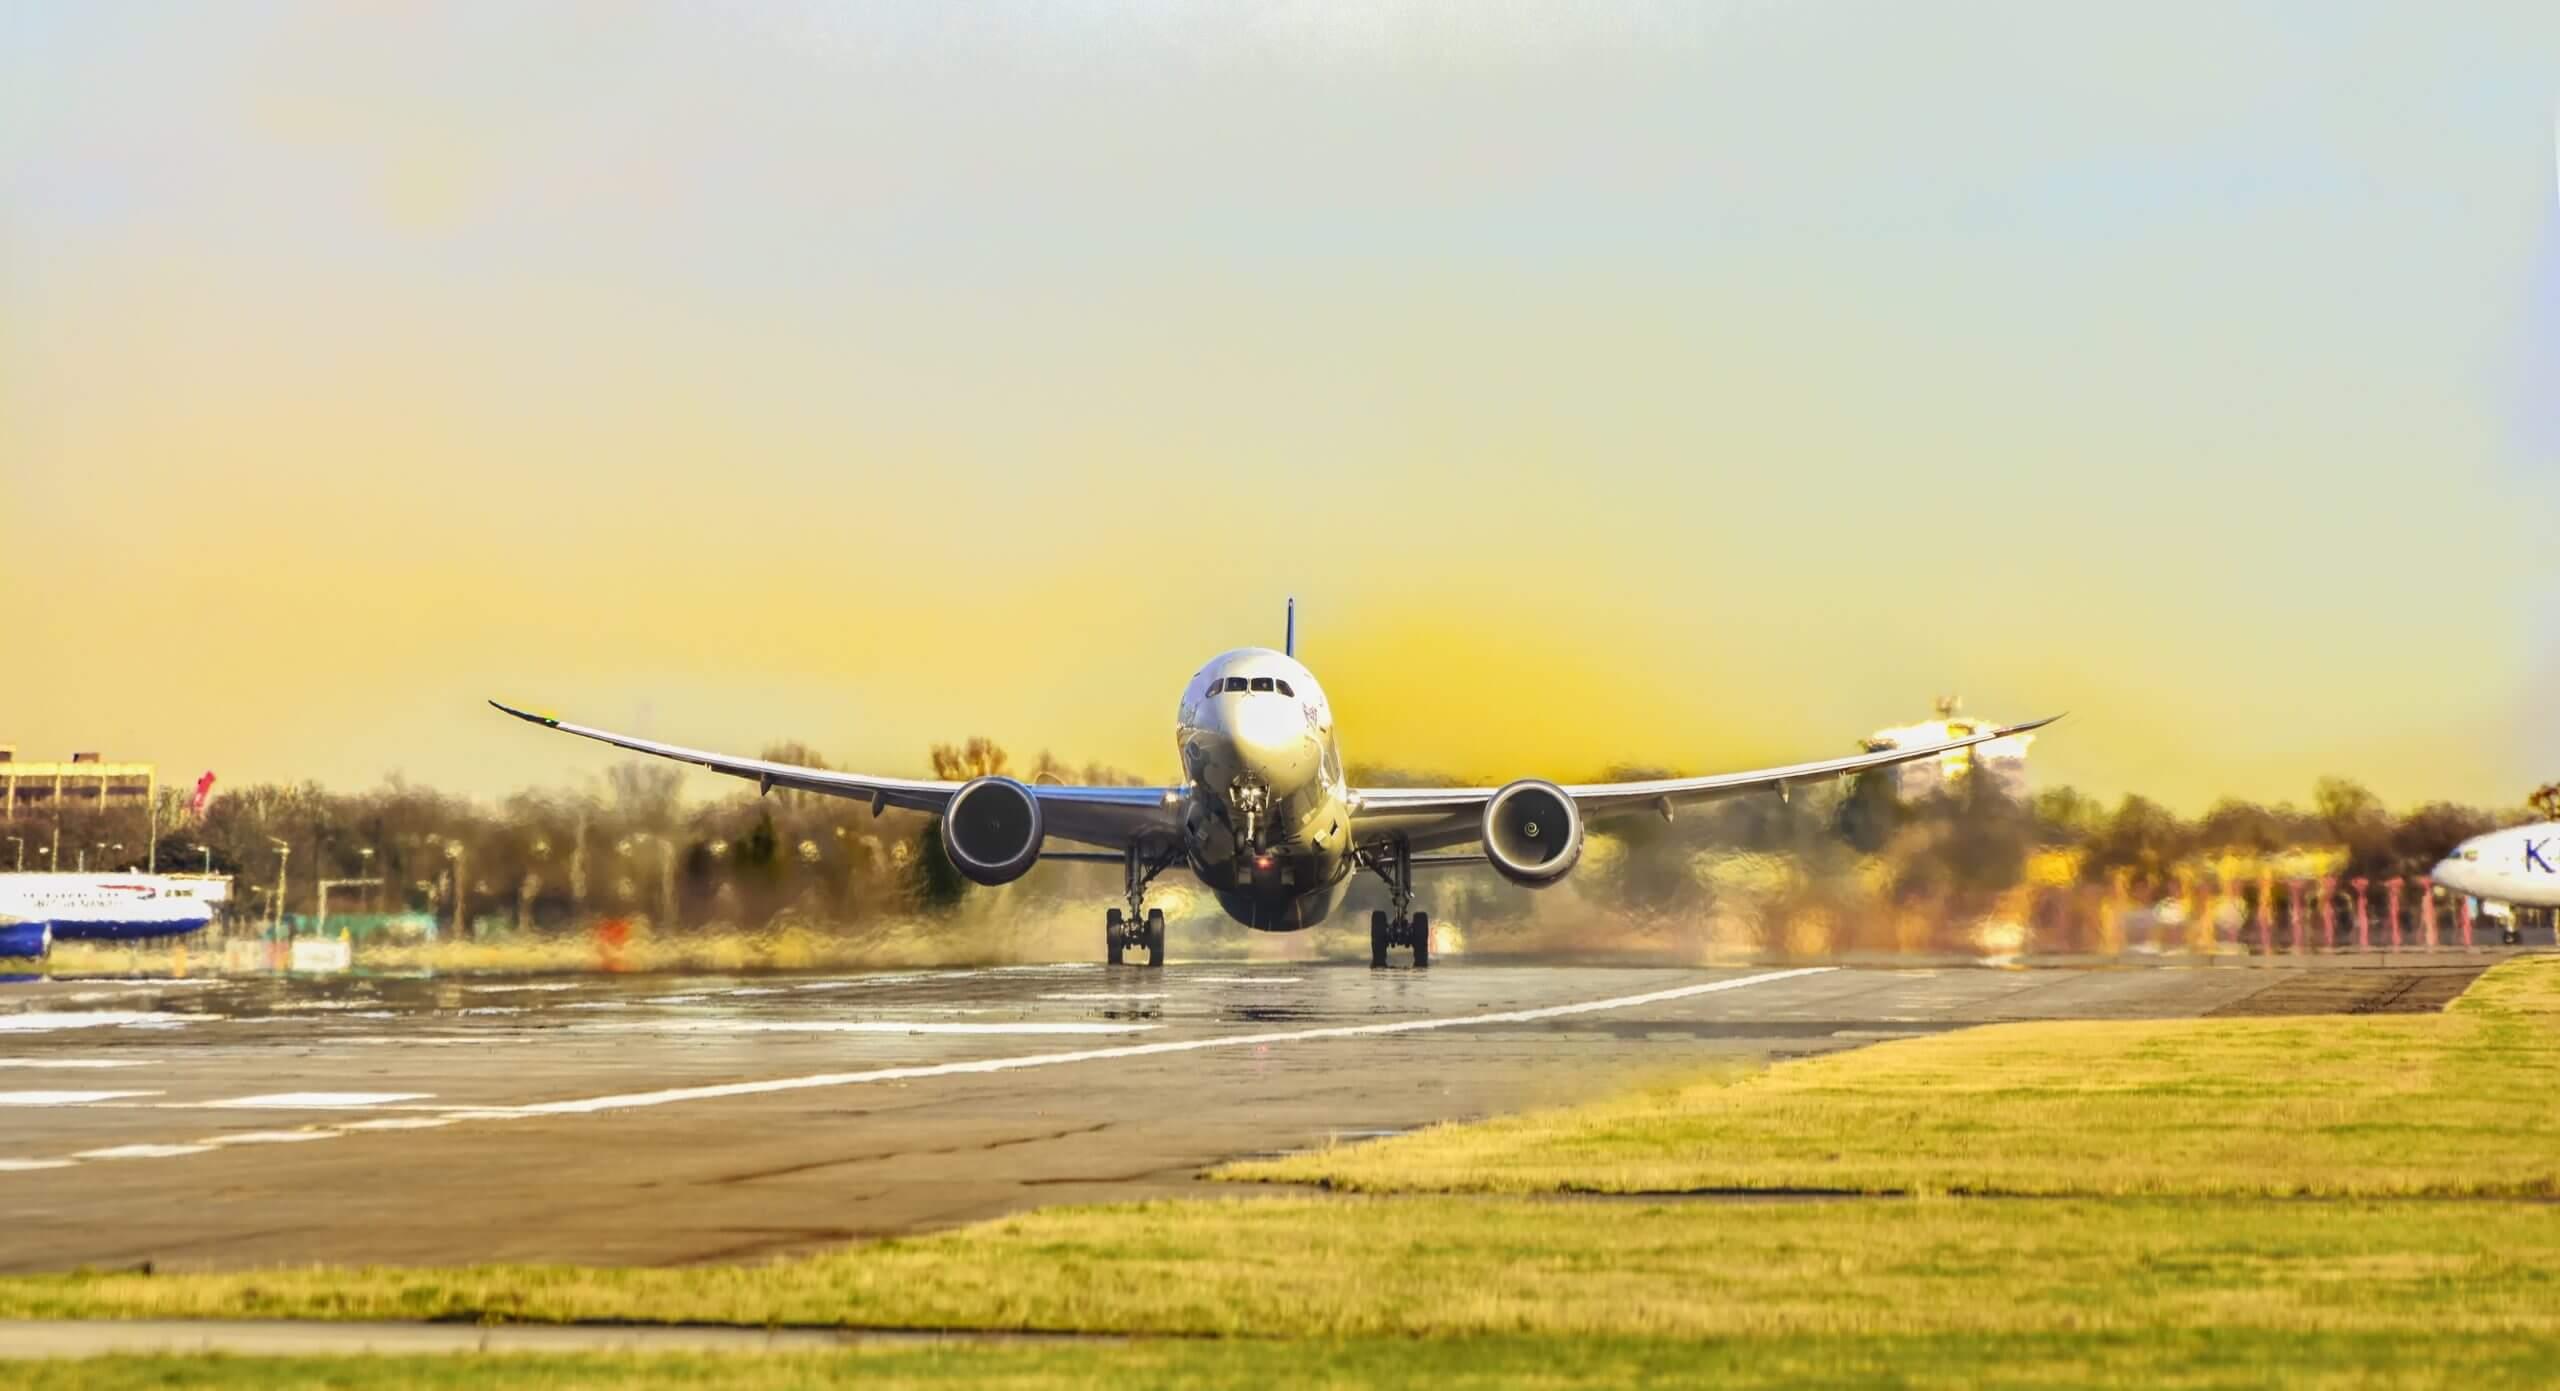 Am Montag werden 24-Stunden-Betreuer eingeflogen